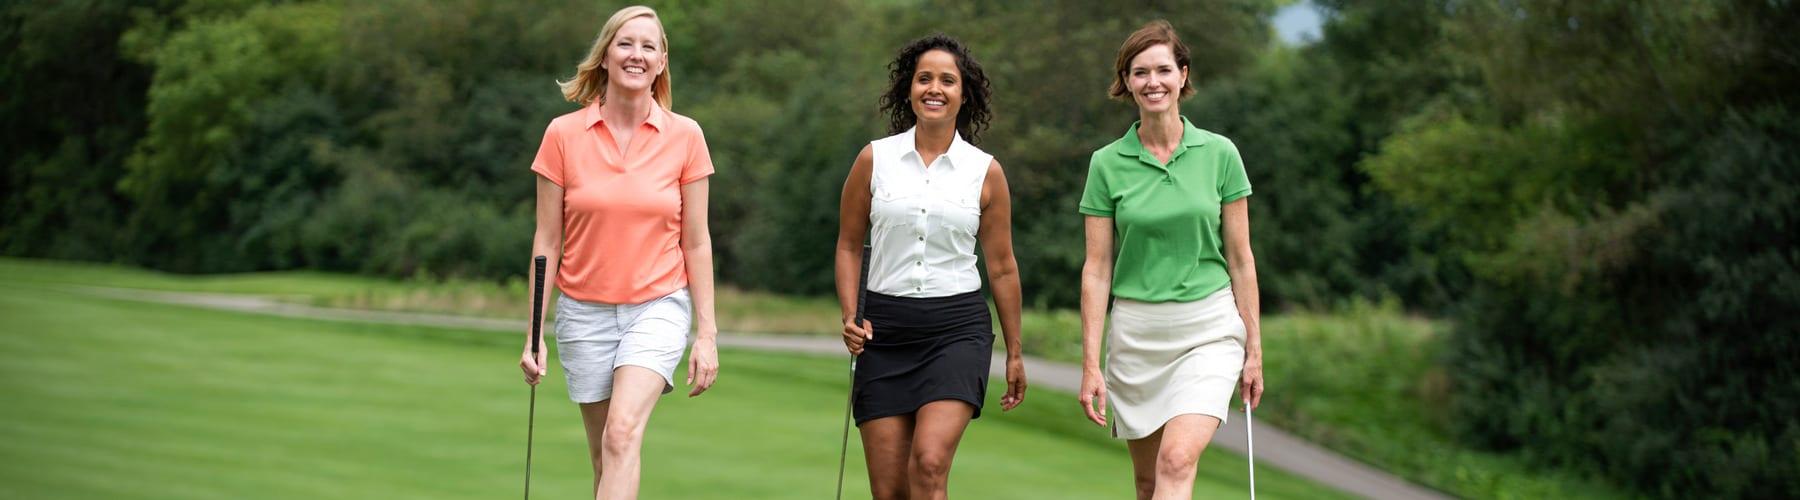 Three women golfing